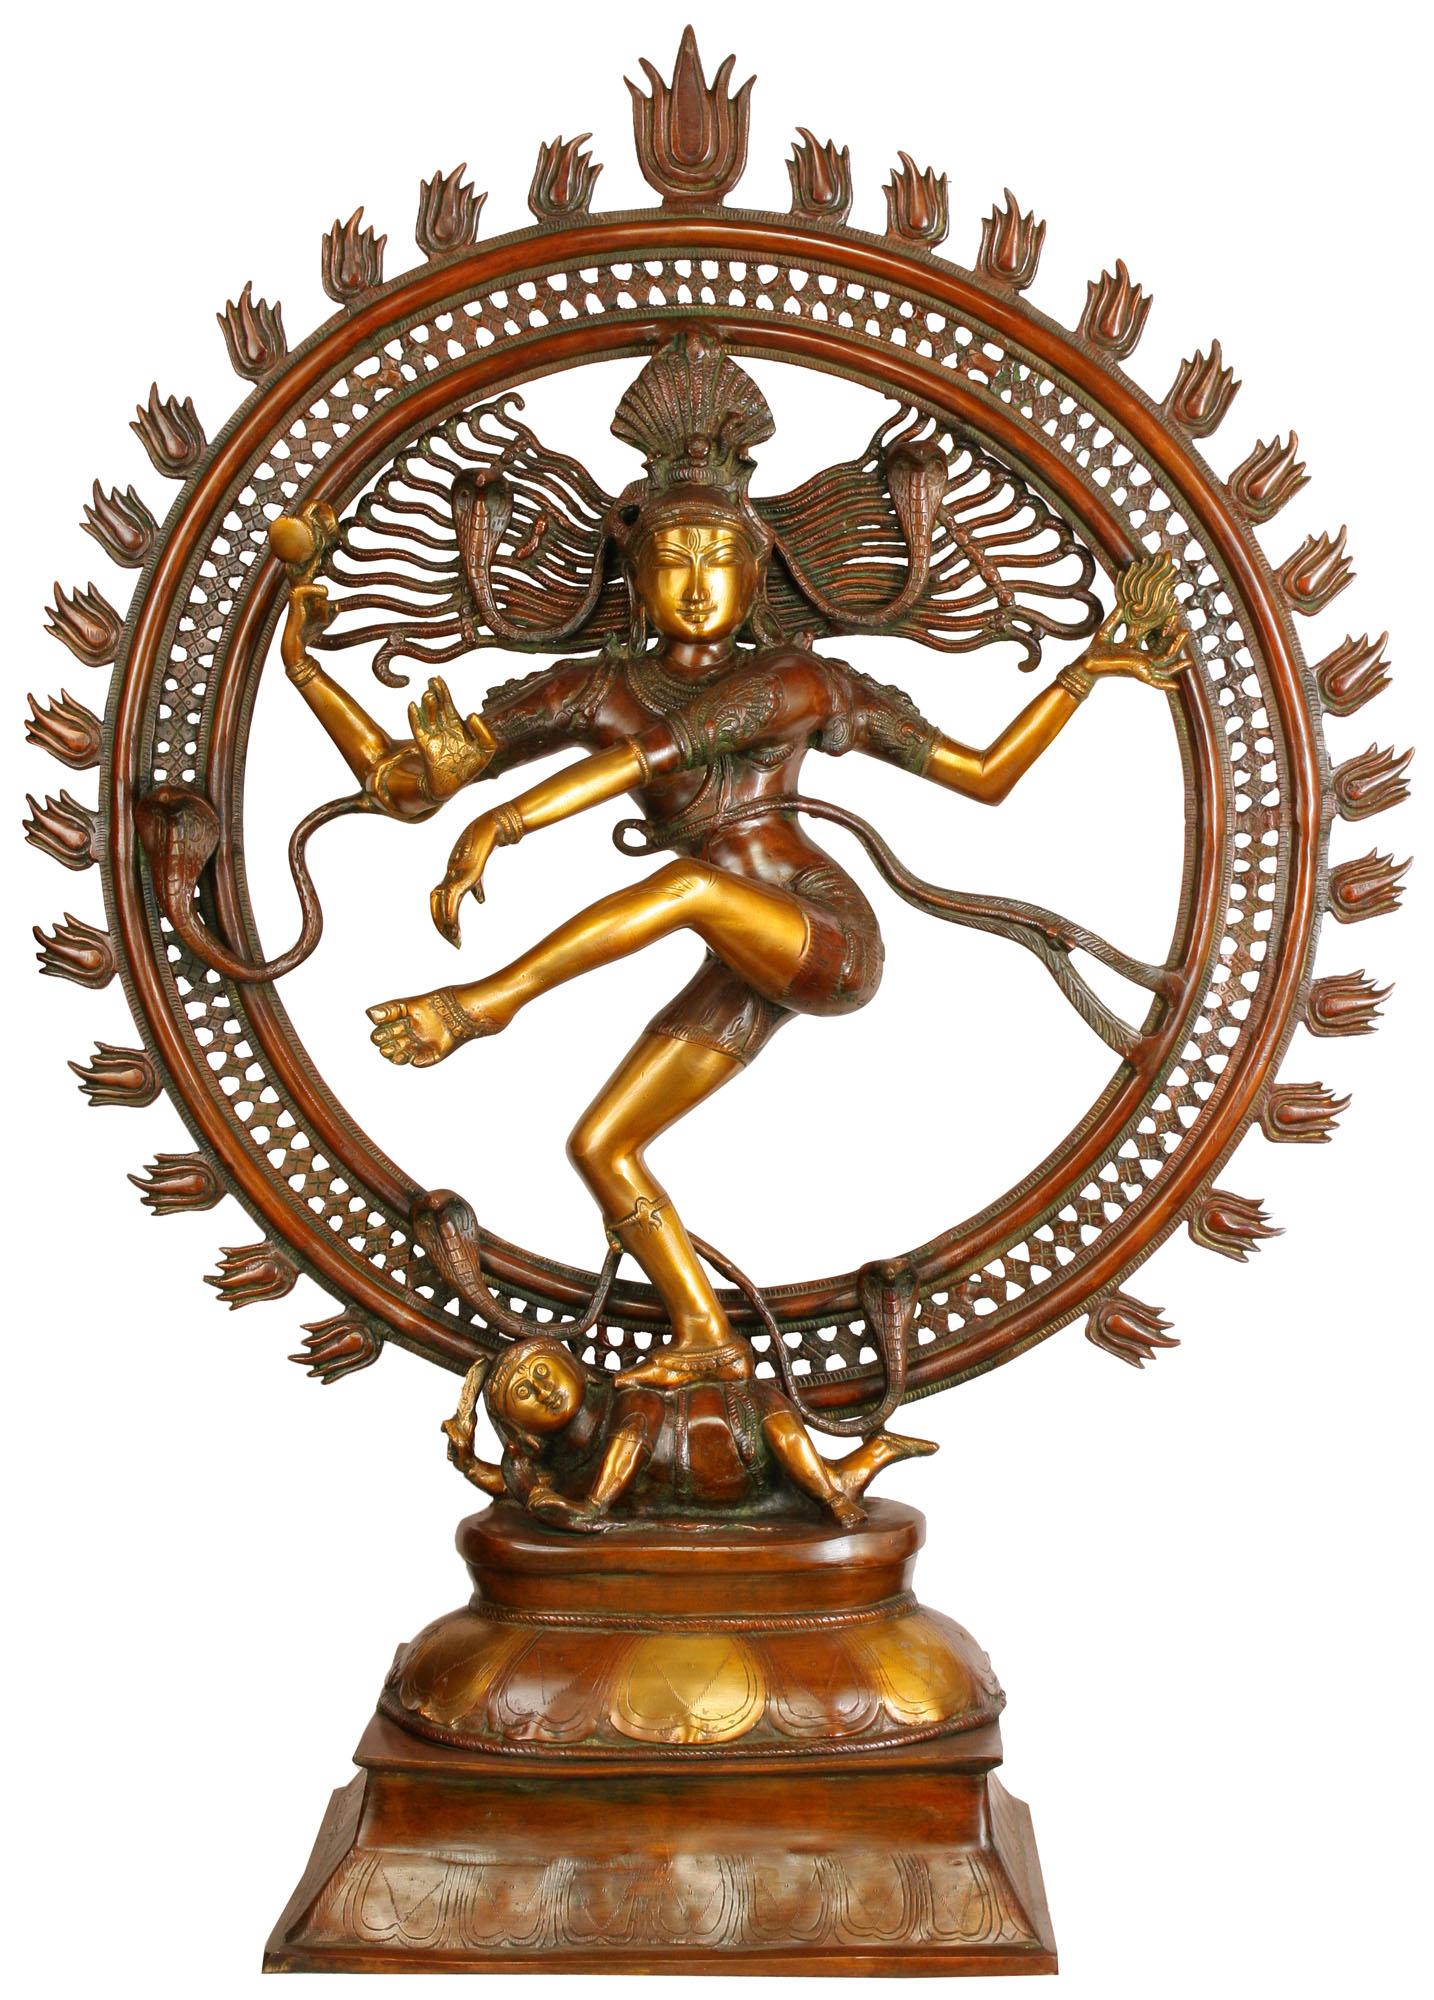 https://cdn.exoticindia.com/images/products/original/sculptures-2016/xz69.jpg